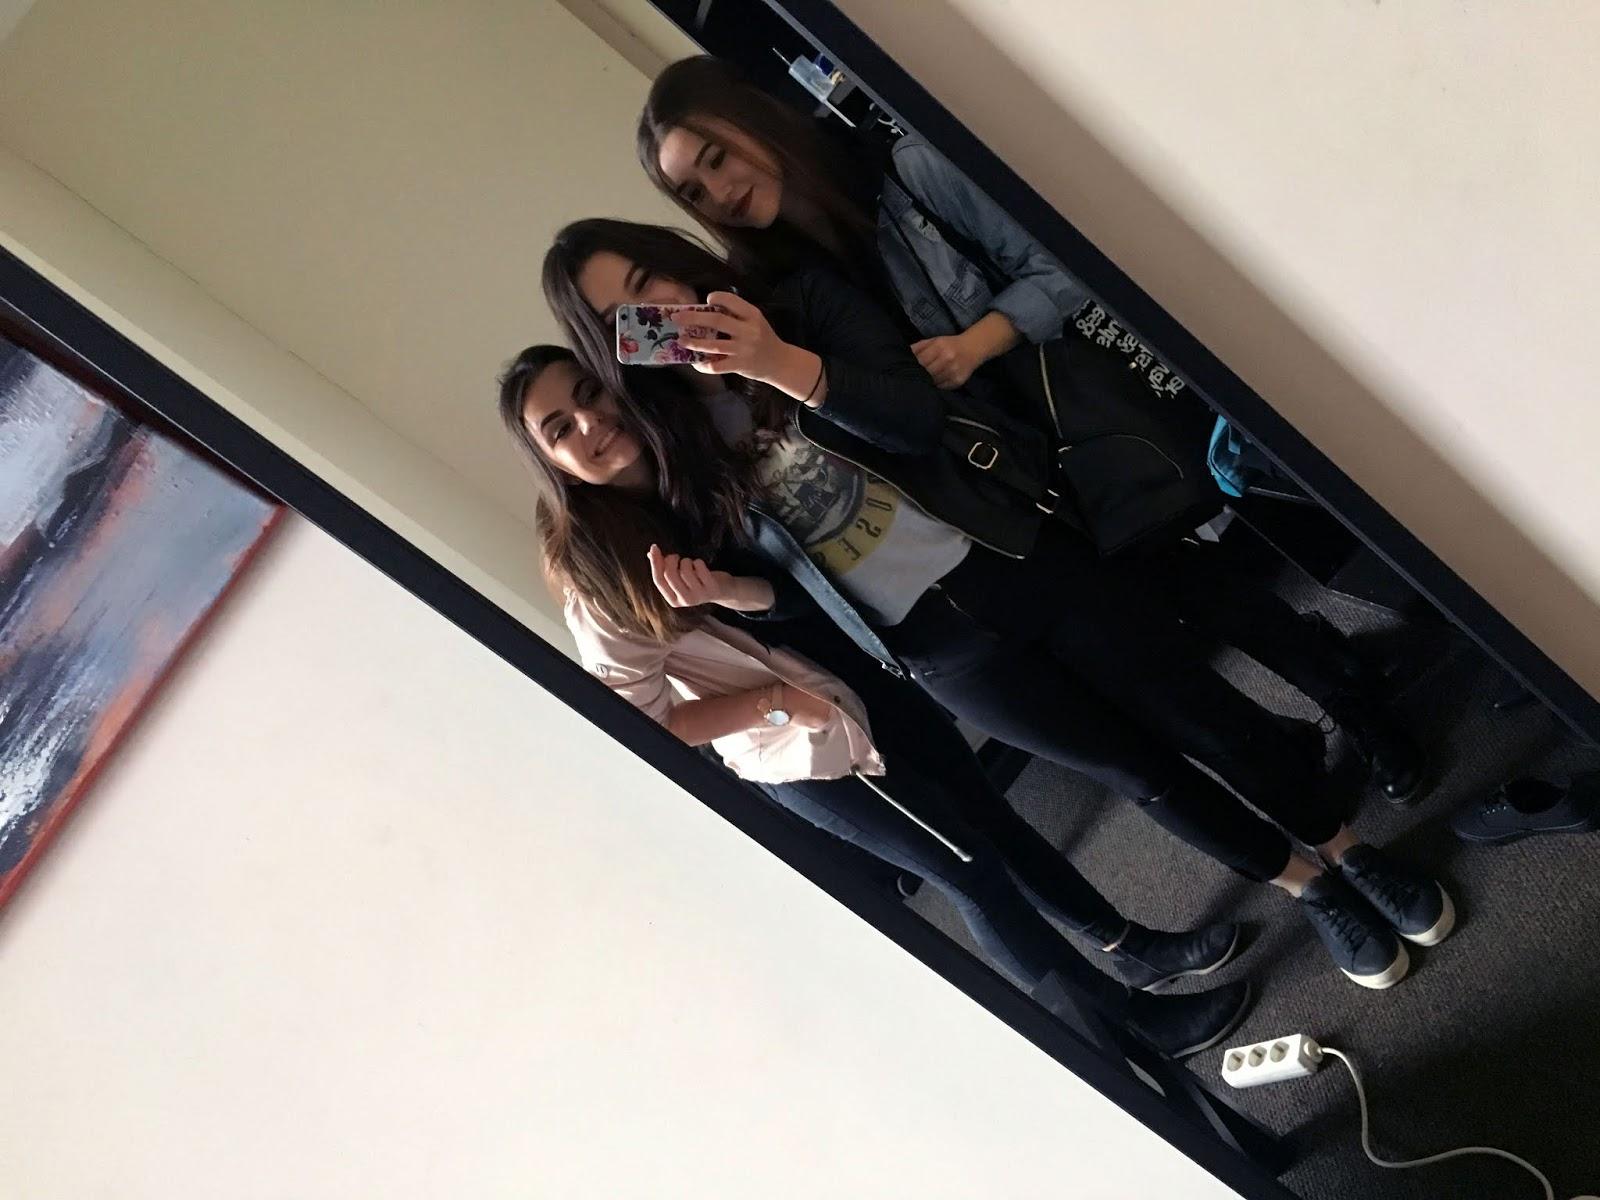 Selfie im Spiegel